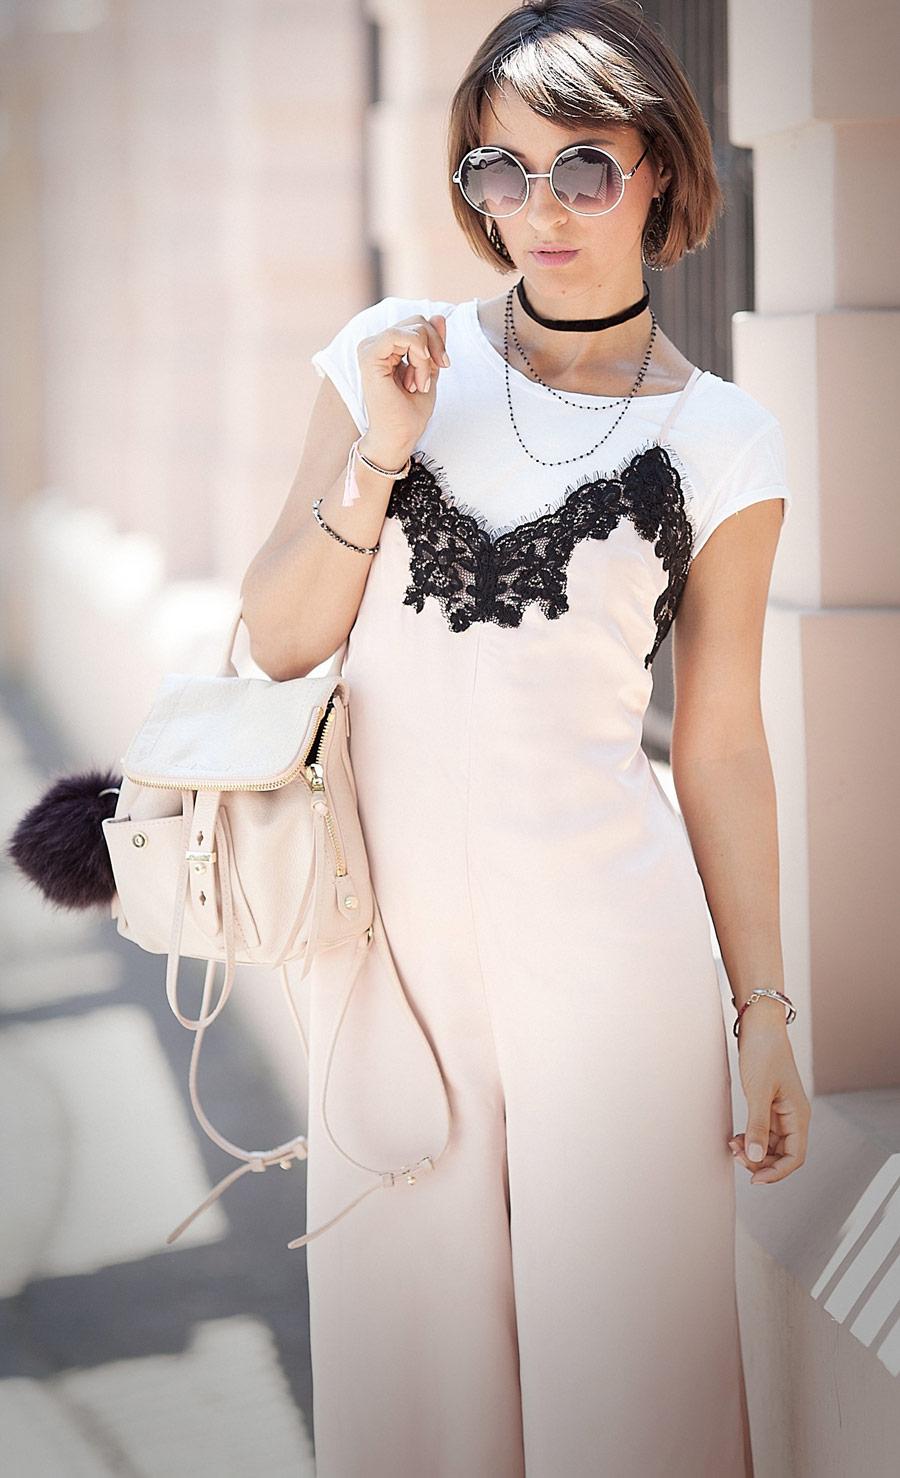 комбинезон в бельевом стиле, бельевой стиль, как носить бельевой стиль, нюдовый цвет в одежде, пудровый цвет в одежде, с чем сочетать пудровый цвет, комбинезон asos,